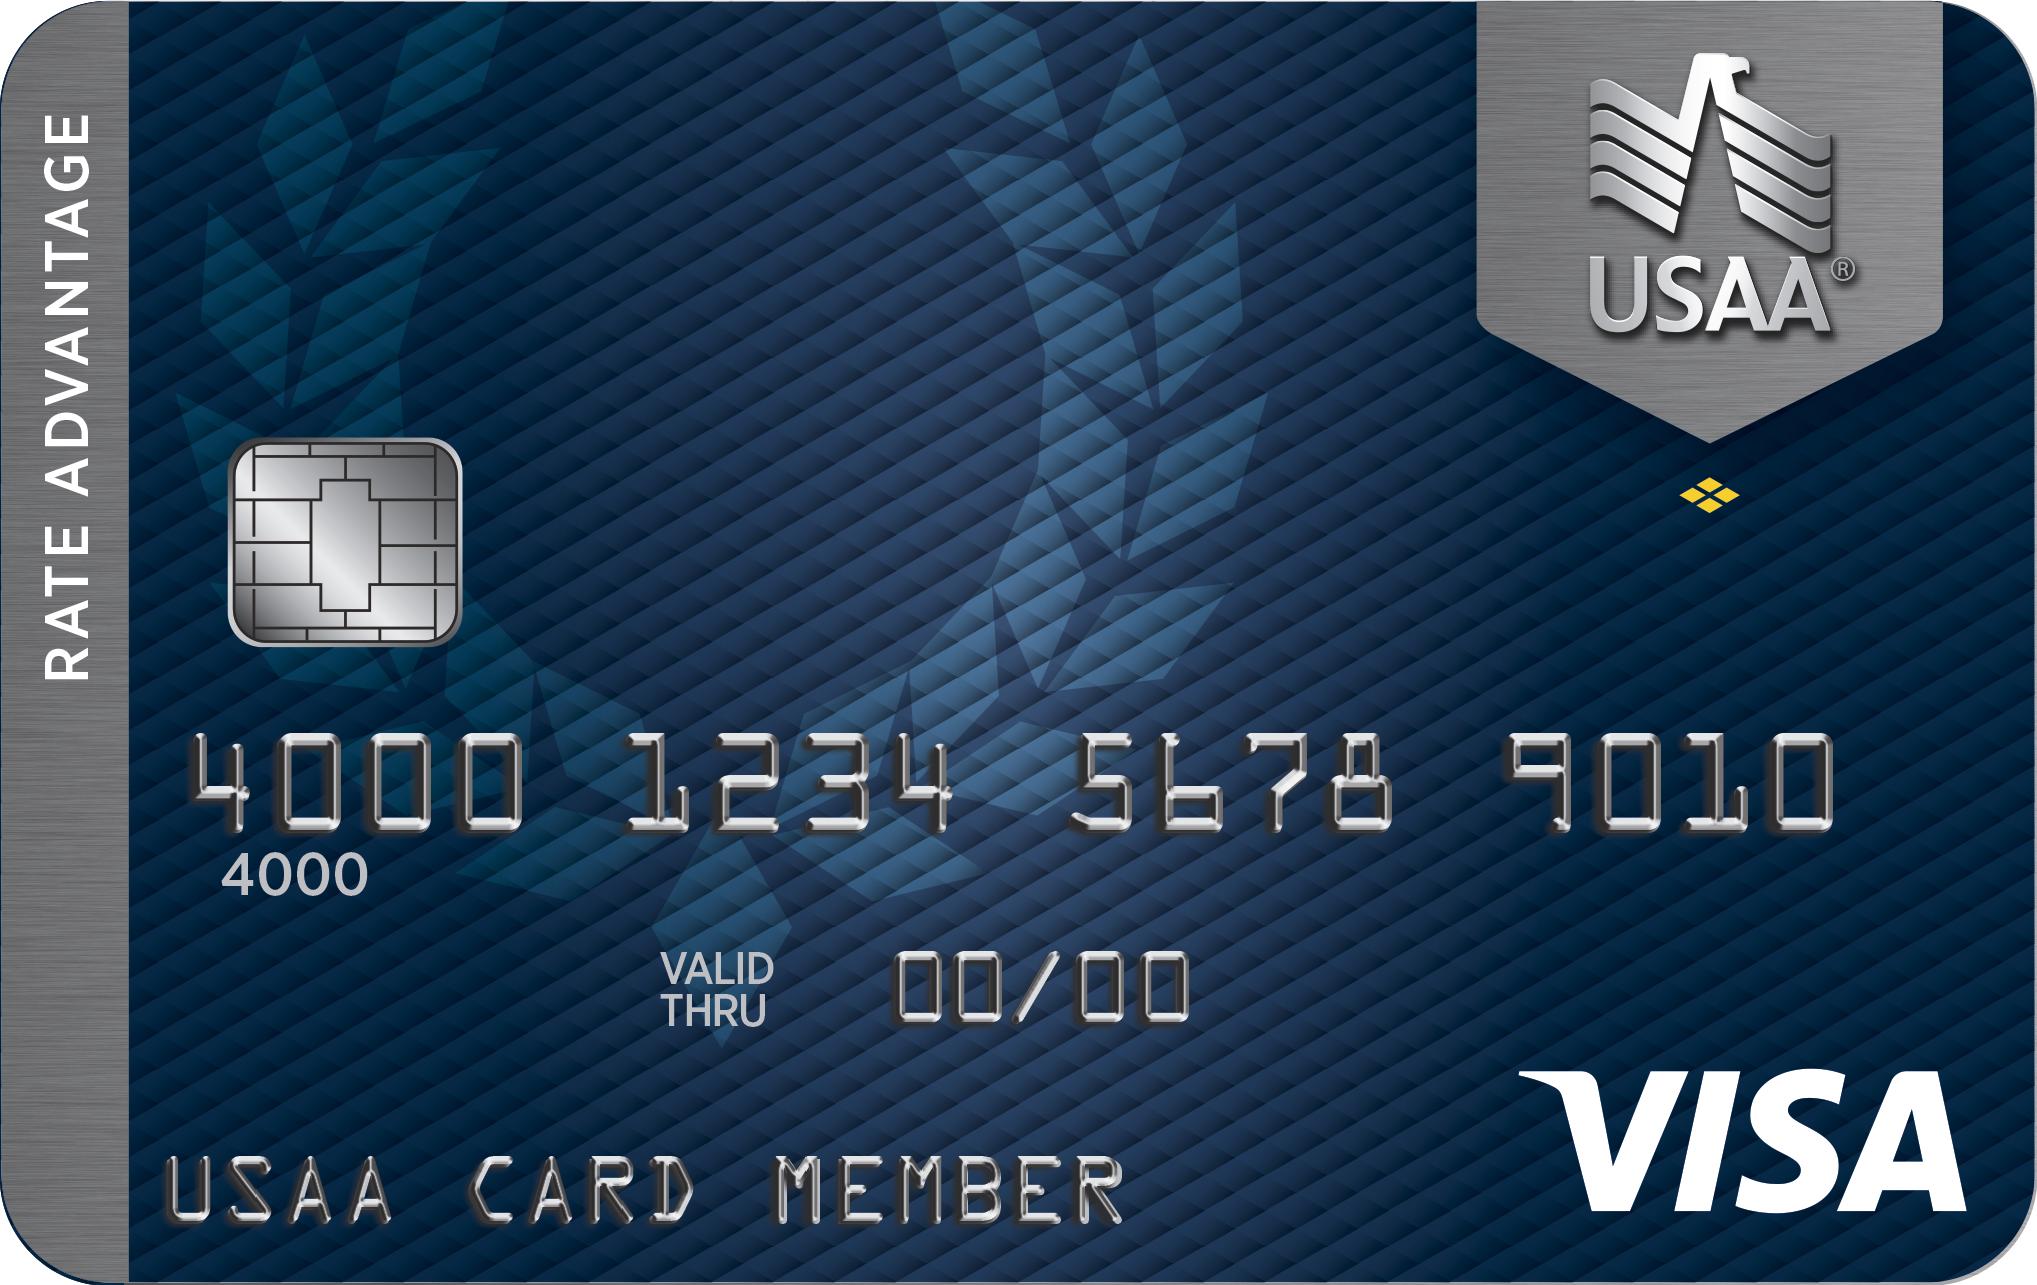 usaa rate advantage visa platinum card